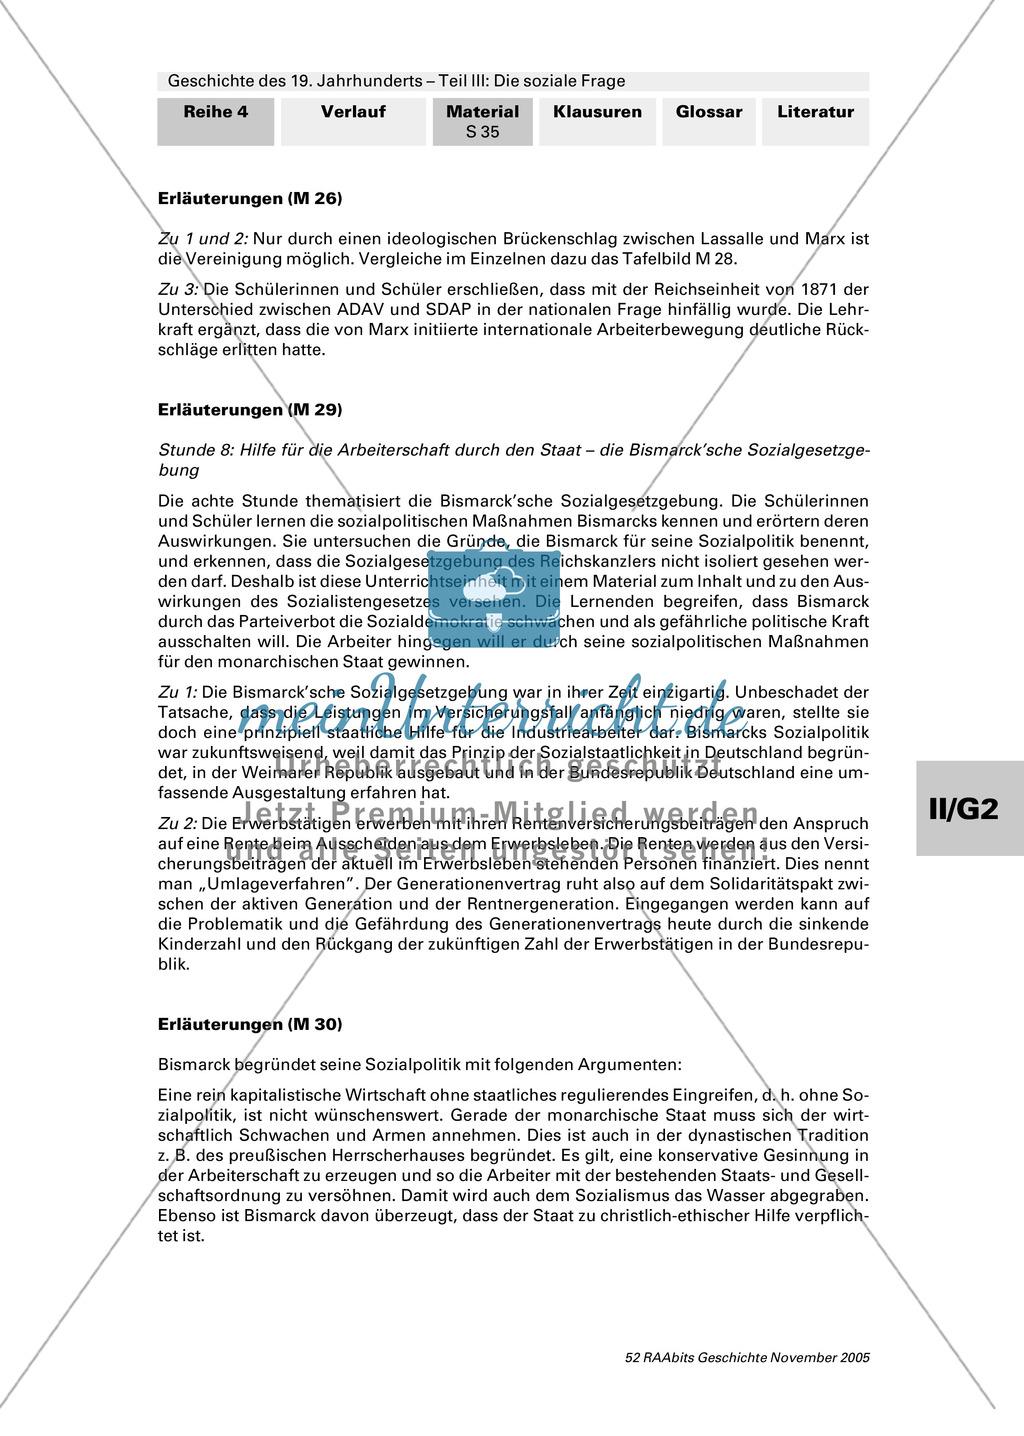 Geschichte des 19. Jahrhunderts: Hilfe für die Arbeiterschaft durch den Staat - die Sozialgesetzgebung Bismarcks Preview 2